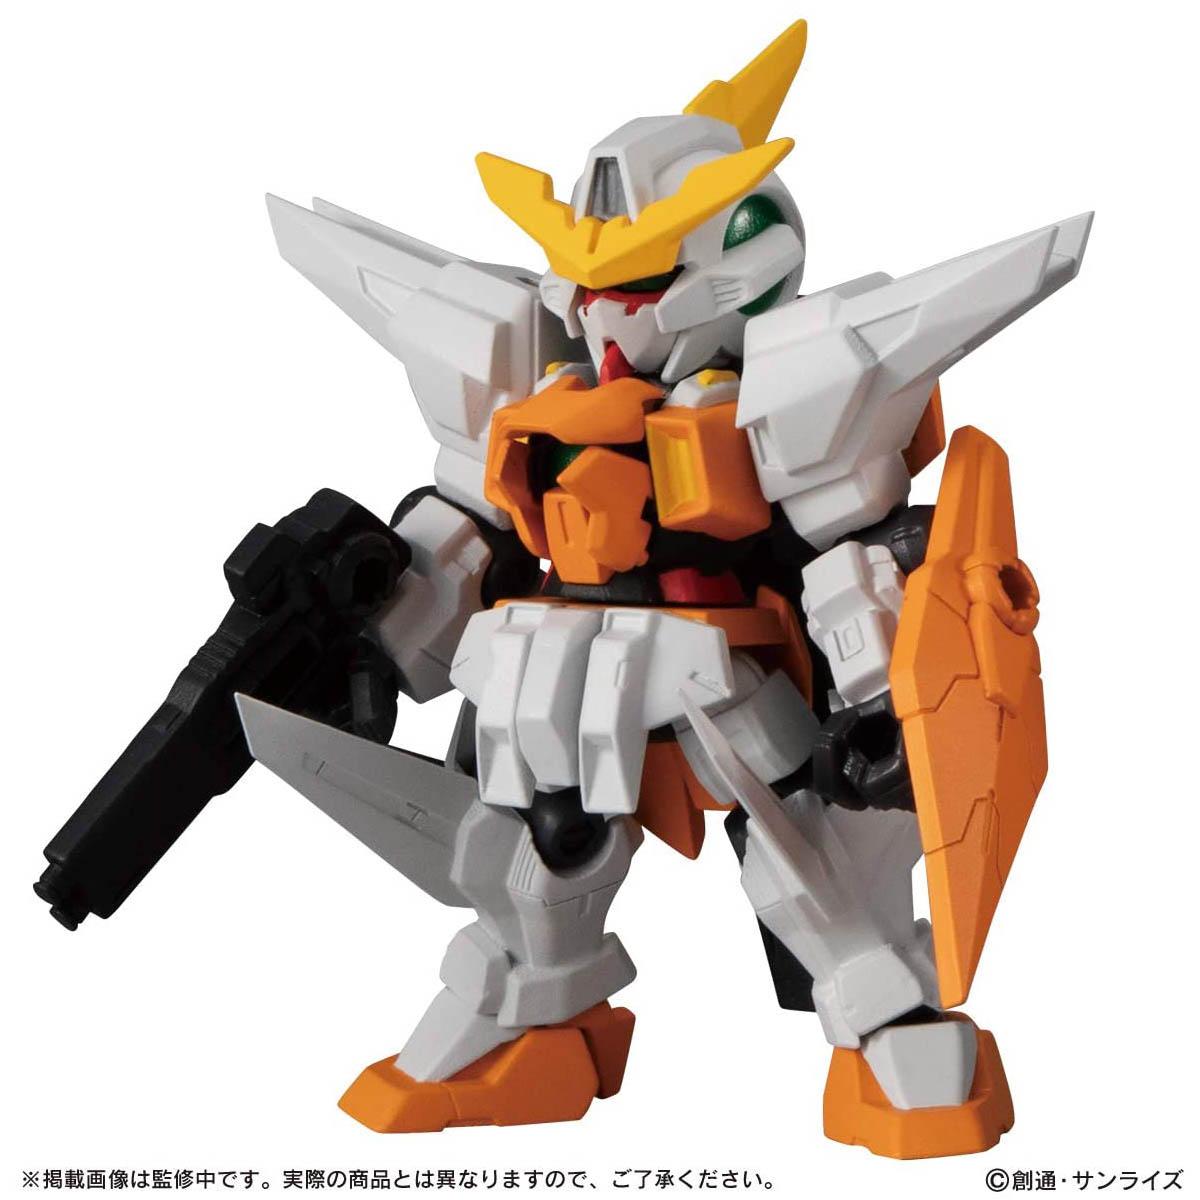 機動戦士ガンダム『MOBILE SUIT ENSEMBLE16』デフォルメ可動フィギュア 10個入りBOX-002